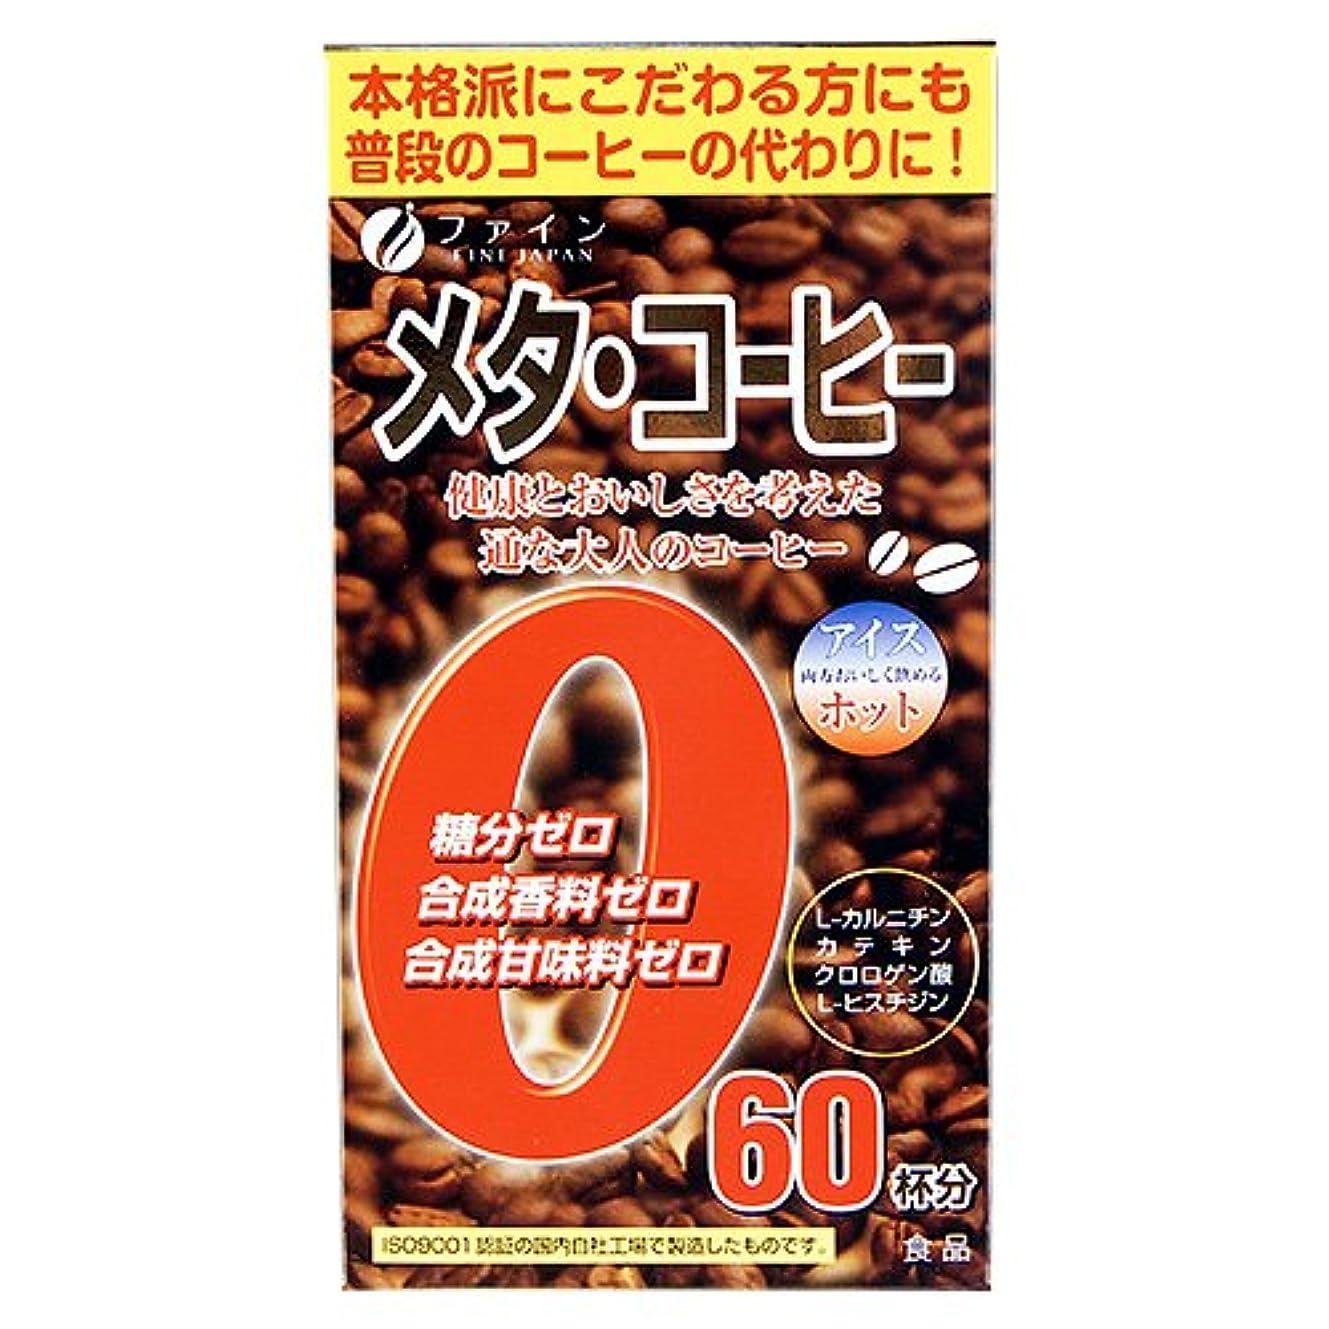 免疫主シェルメタコーヒー 66g 1.1g×60包 ファイン